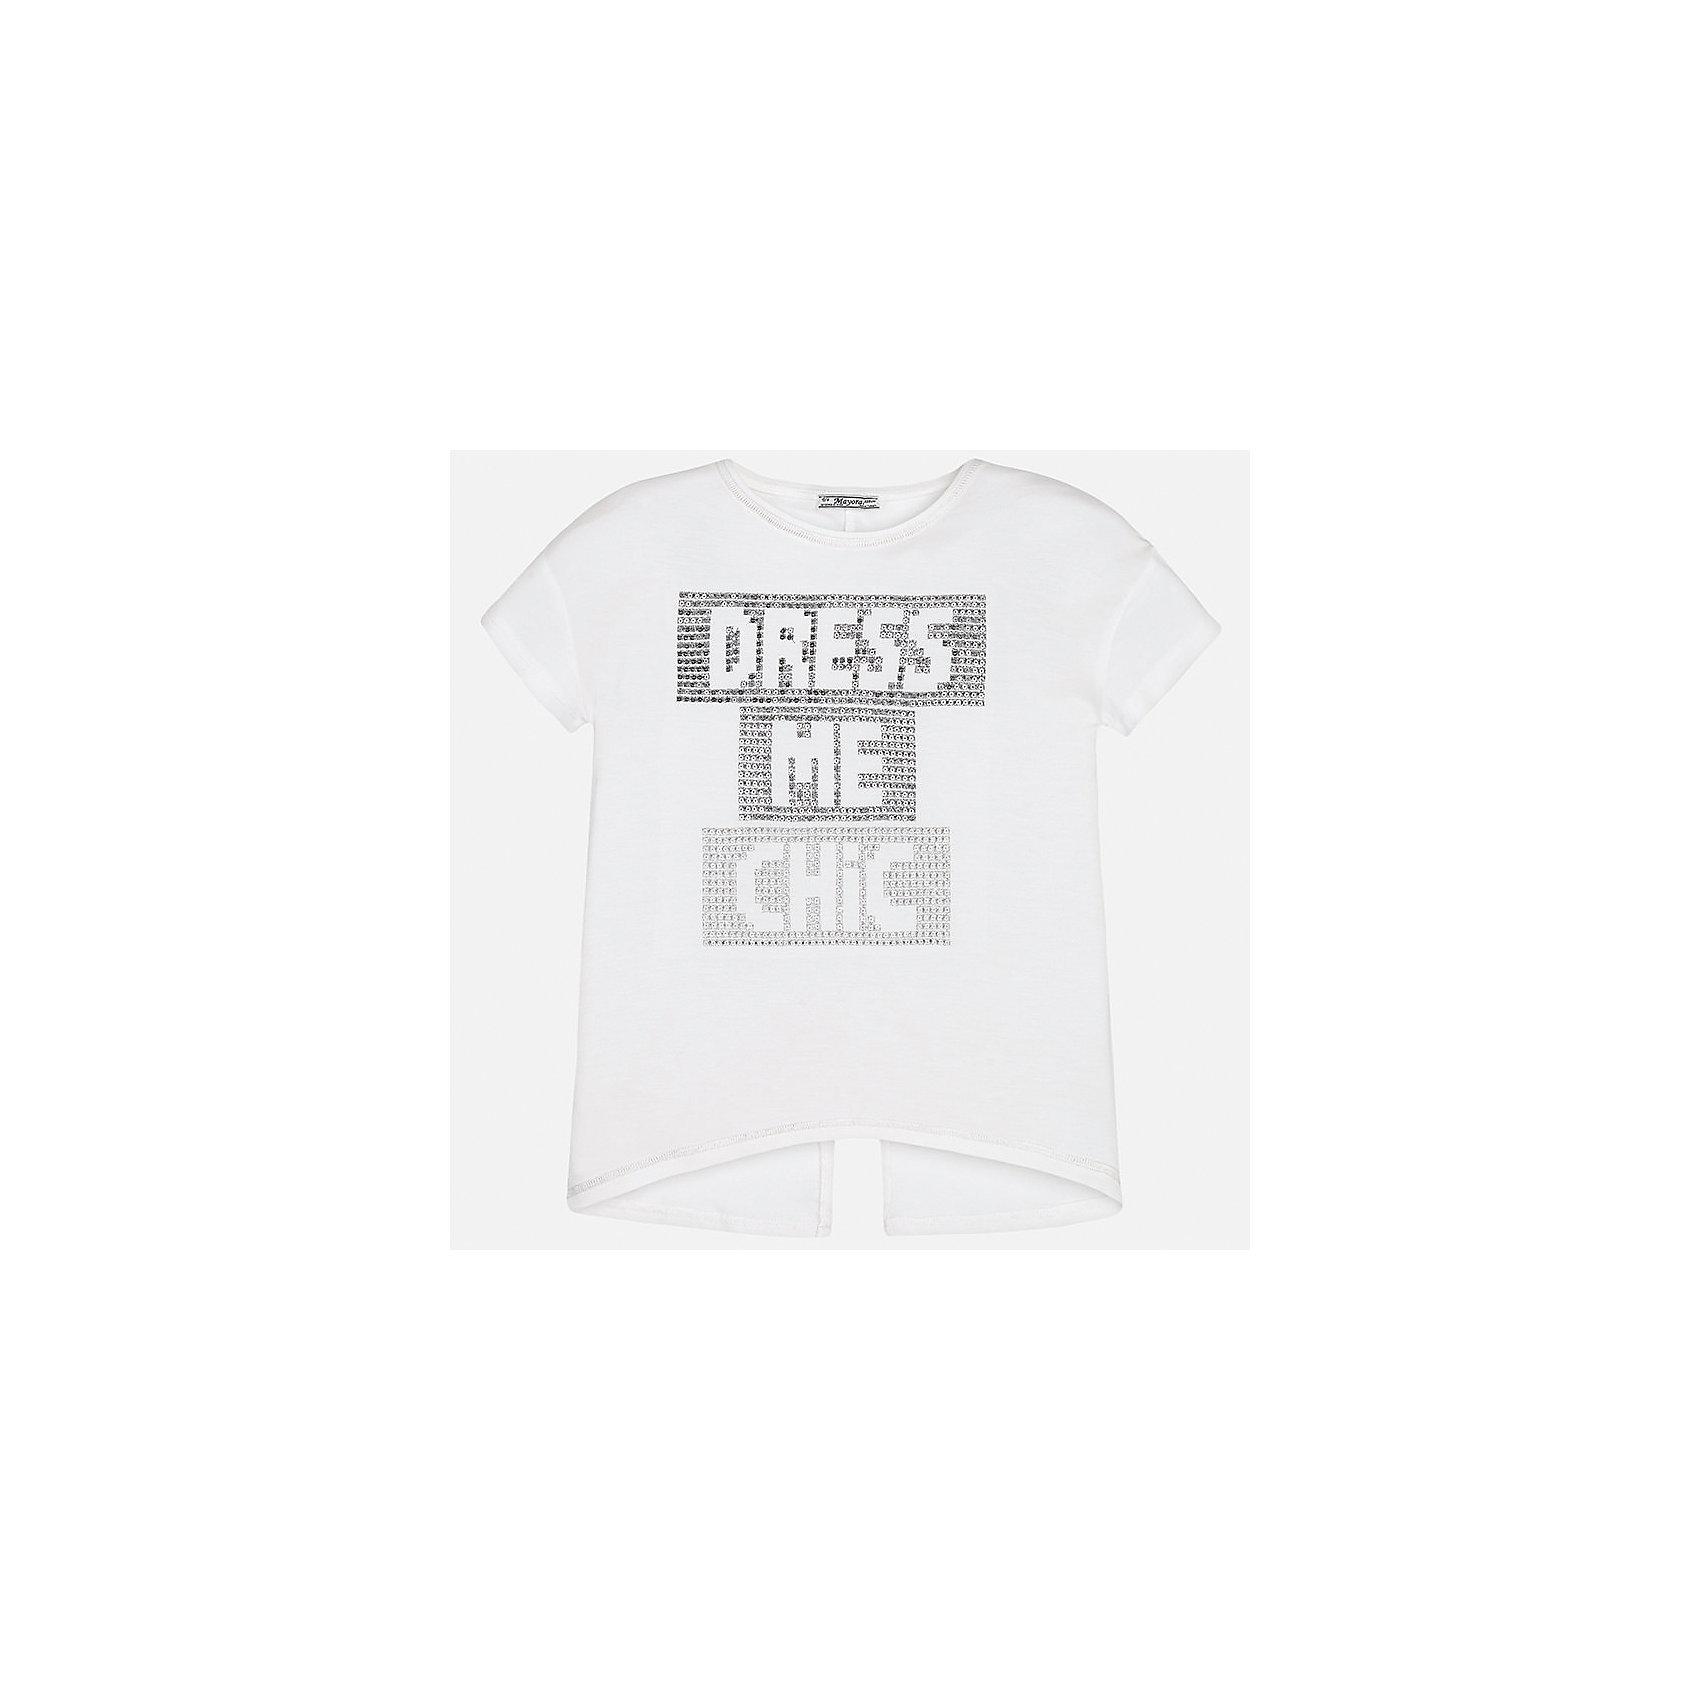 Футболка для девочки MayoralФутболки, поло и топы<br>Характеристики товара:<br><br>• цвет: белый<br>• состав: 95% вискоза, 5% эластан<br>• контрастная прострочка<br>• декорирована стразами<br>• короткие рукава<br>• разрез на спине<br>• страна бренда: Испания<br><br>Стильная оригинальная футболка для девочки поможет разнообразить гардероб ребенка и украсить наряд. Она отлично сочетается и с юбками, и с шортами, и с брюками. Универсальный цвет позволяет подобрать к вещи низ практически любой расцветки. Интересная отделка модели делает её нарядной и оригинальной. <br><br>Одежда, обувь и аксессуары от испанского бренда Mayoral полюбились детям и взрослым по всему миру. Модели этой марки - стильные и удобные. Для их производства используются только безопасные, качественные материалы и фурнитура. Порадуйте ребенка модными и красивыми вещами от Mayoral! <br><br>Футболку для девочки от испанского бренда Mayoral (Майорал) можно купить в нашем интернет-магазине.<br><br>Ширина мм: 199<br>Глубина мм: 10<br>Высота мм: 161<br>Вес г: 151<br>Цвет: белый<br>Возраст от месяцев: 84<br>Возраст до месяцев: 96<br>Пол: Женский<br>Возраст: Детский<br>Размер: 128/134,170,164,158,152,140<br>SKU: 5300765